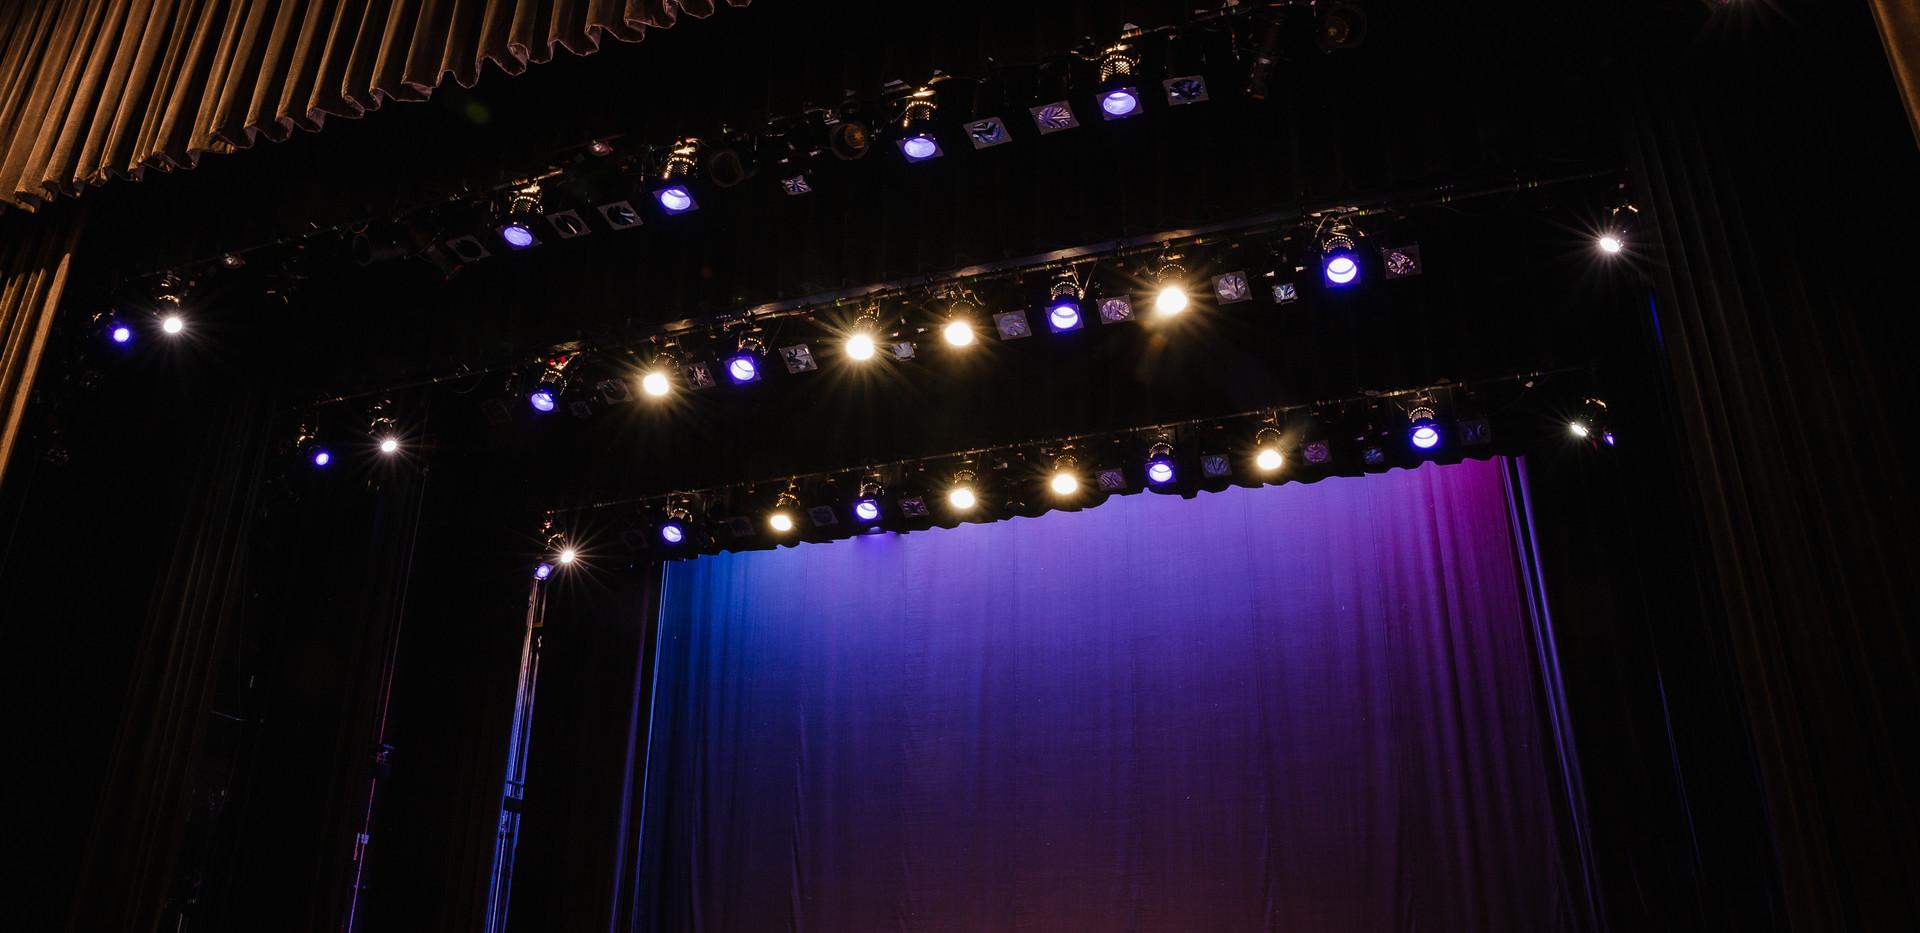 Admiral Theatre (Drapes Open)